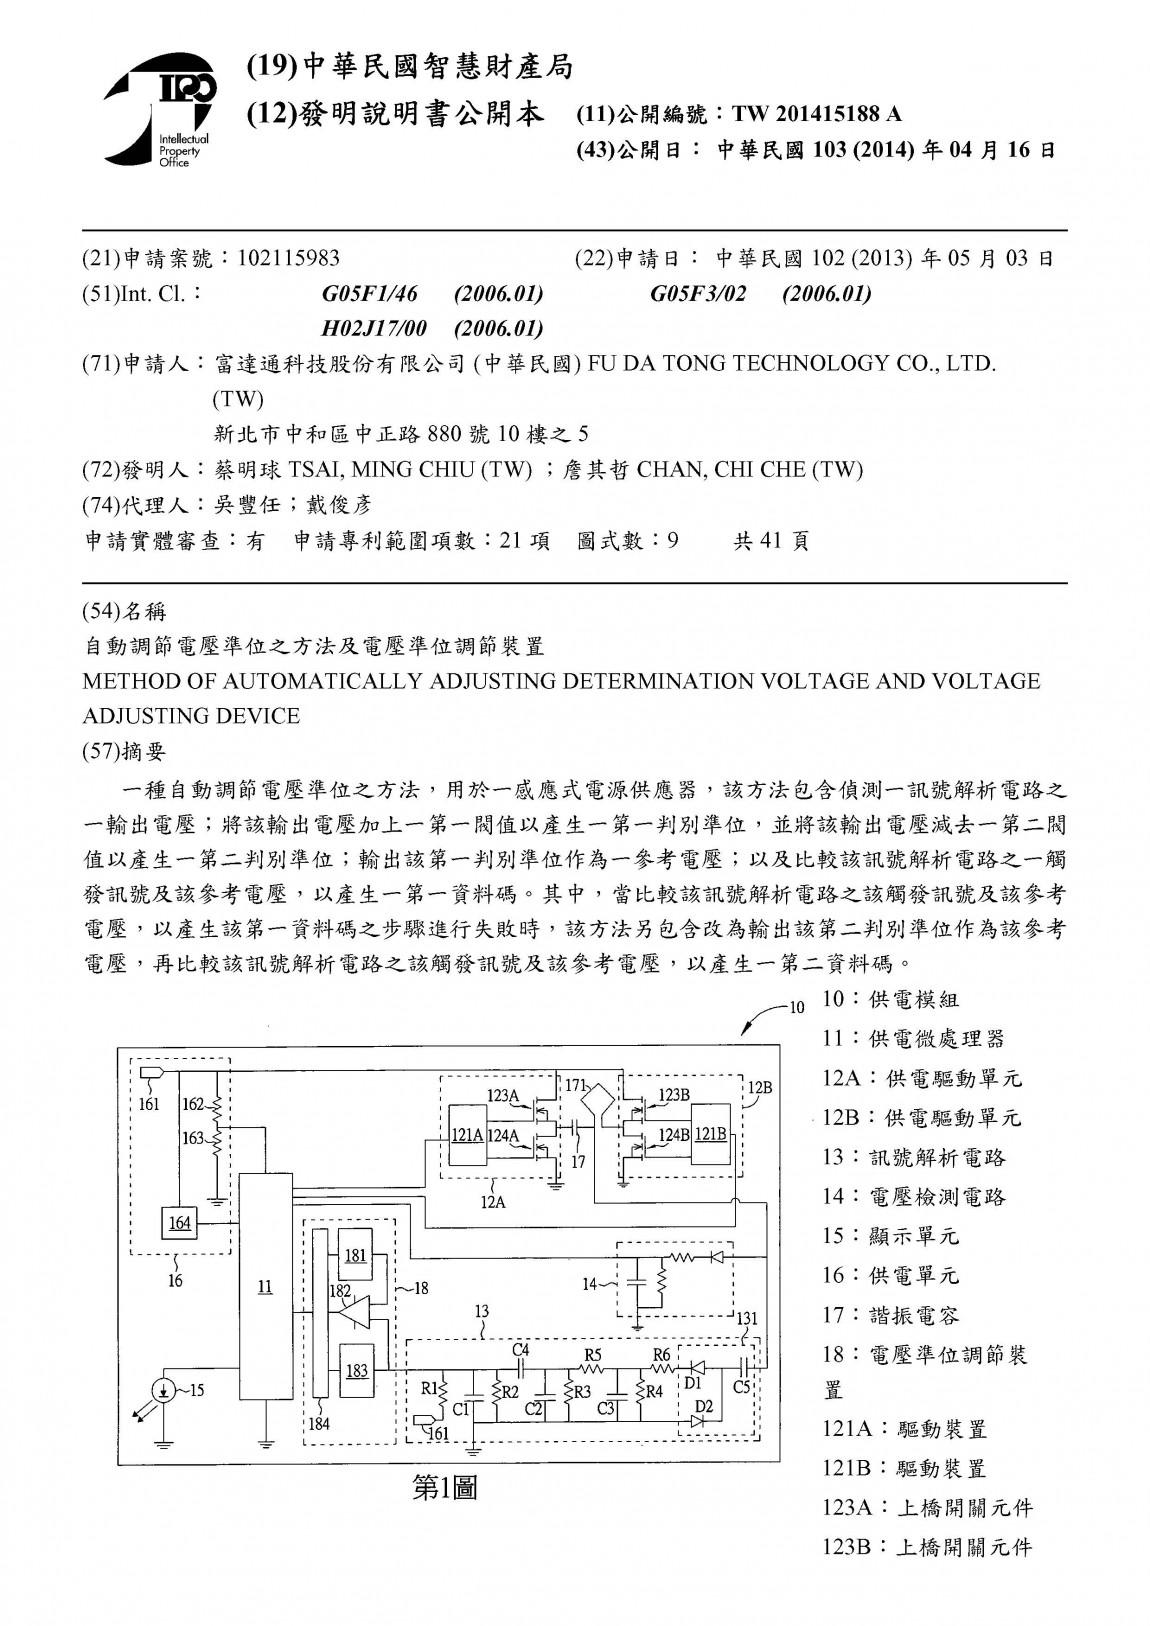 富達通專利22- 自動調節電壓準位之方法及電壓準位調節裝置(台灣)201415188